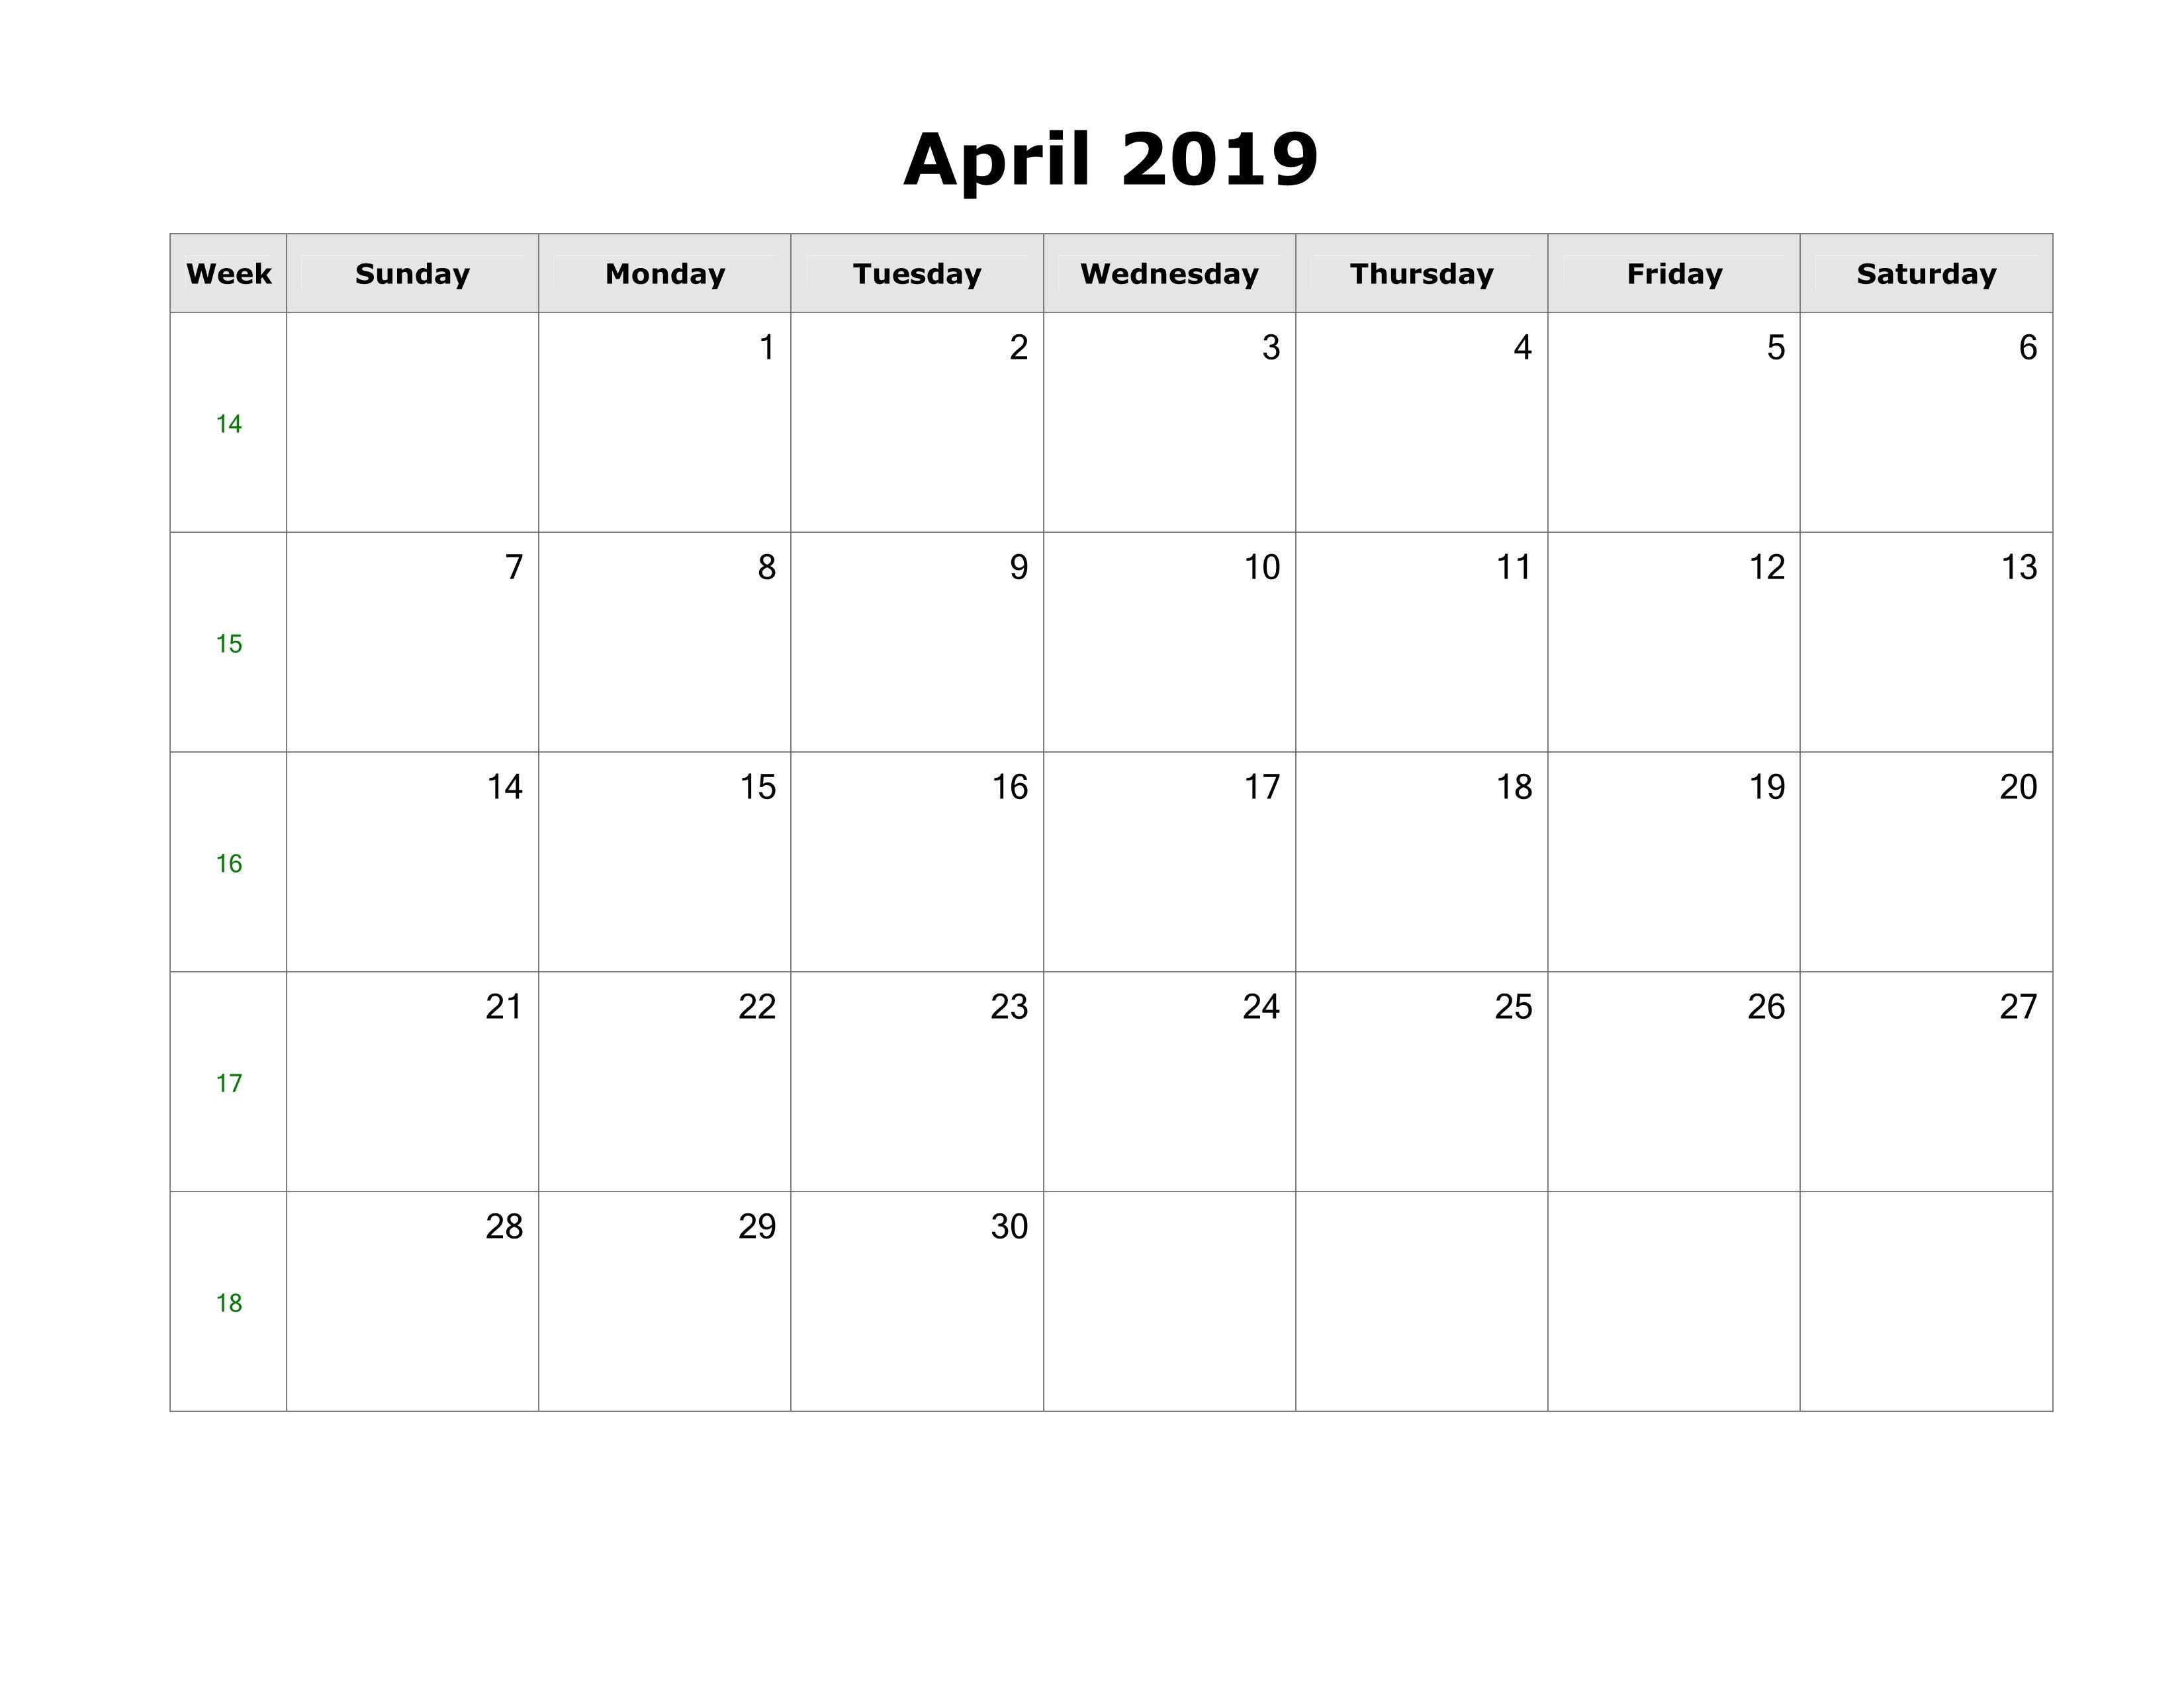 Roman Calendar.April 2019 Calendar With Holidays Decorative April 2019 Printable